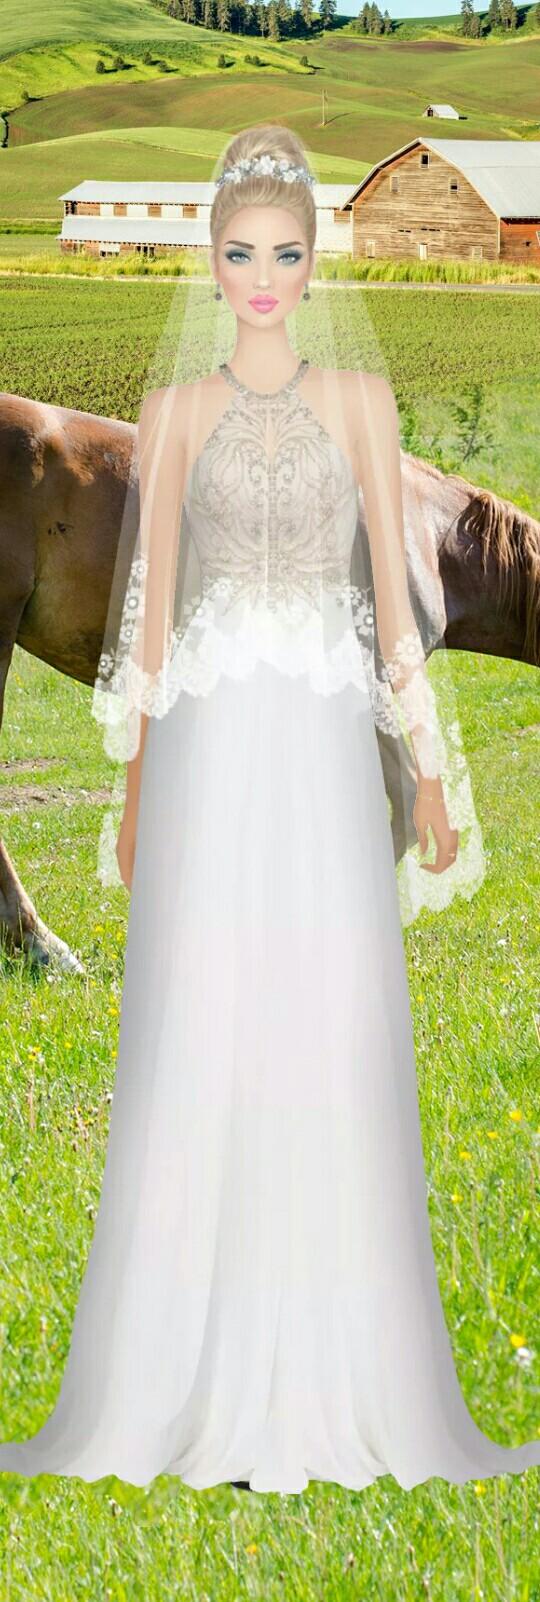 Getaway Bride Fashion Sketches Fashion Covet Fashion